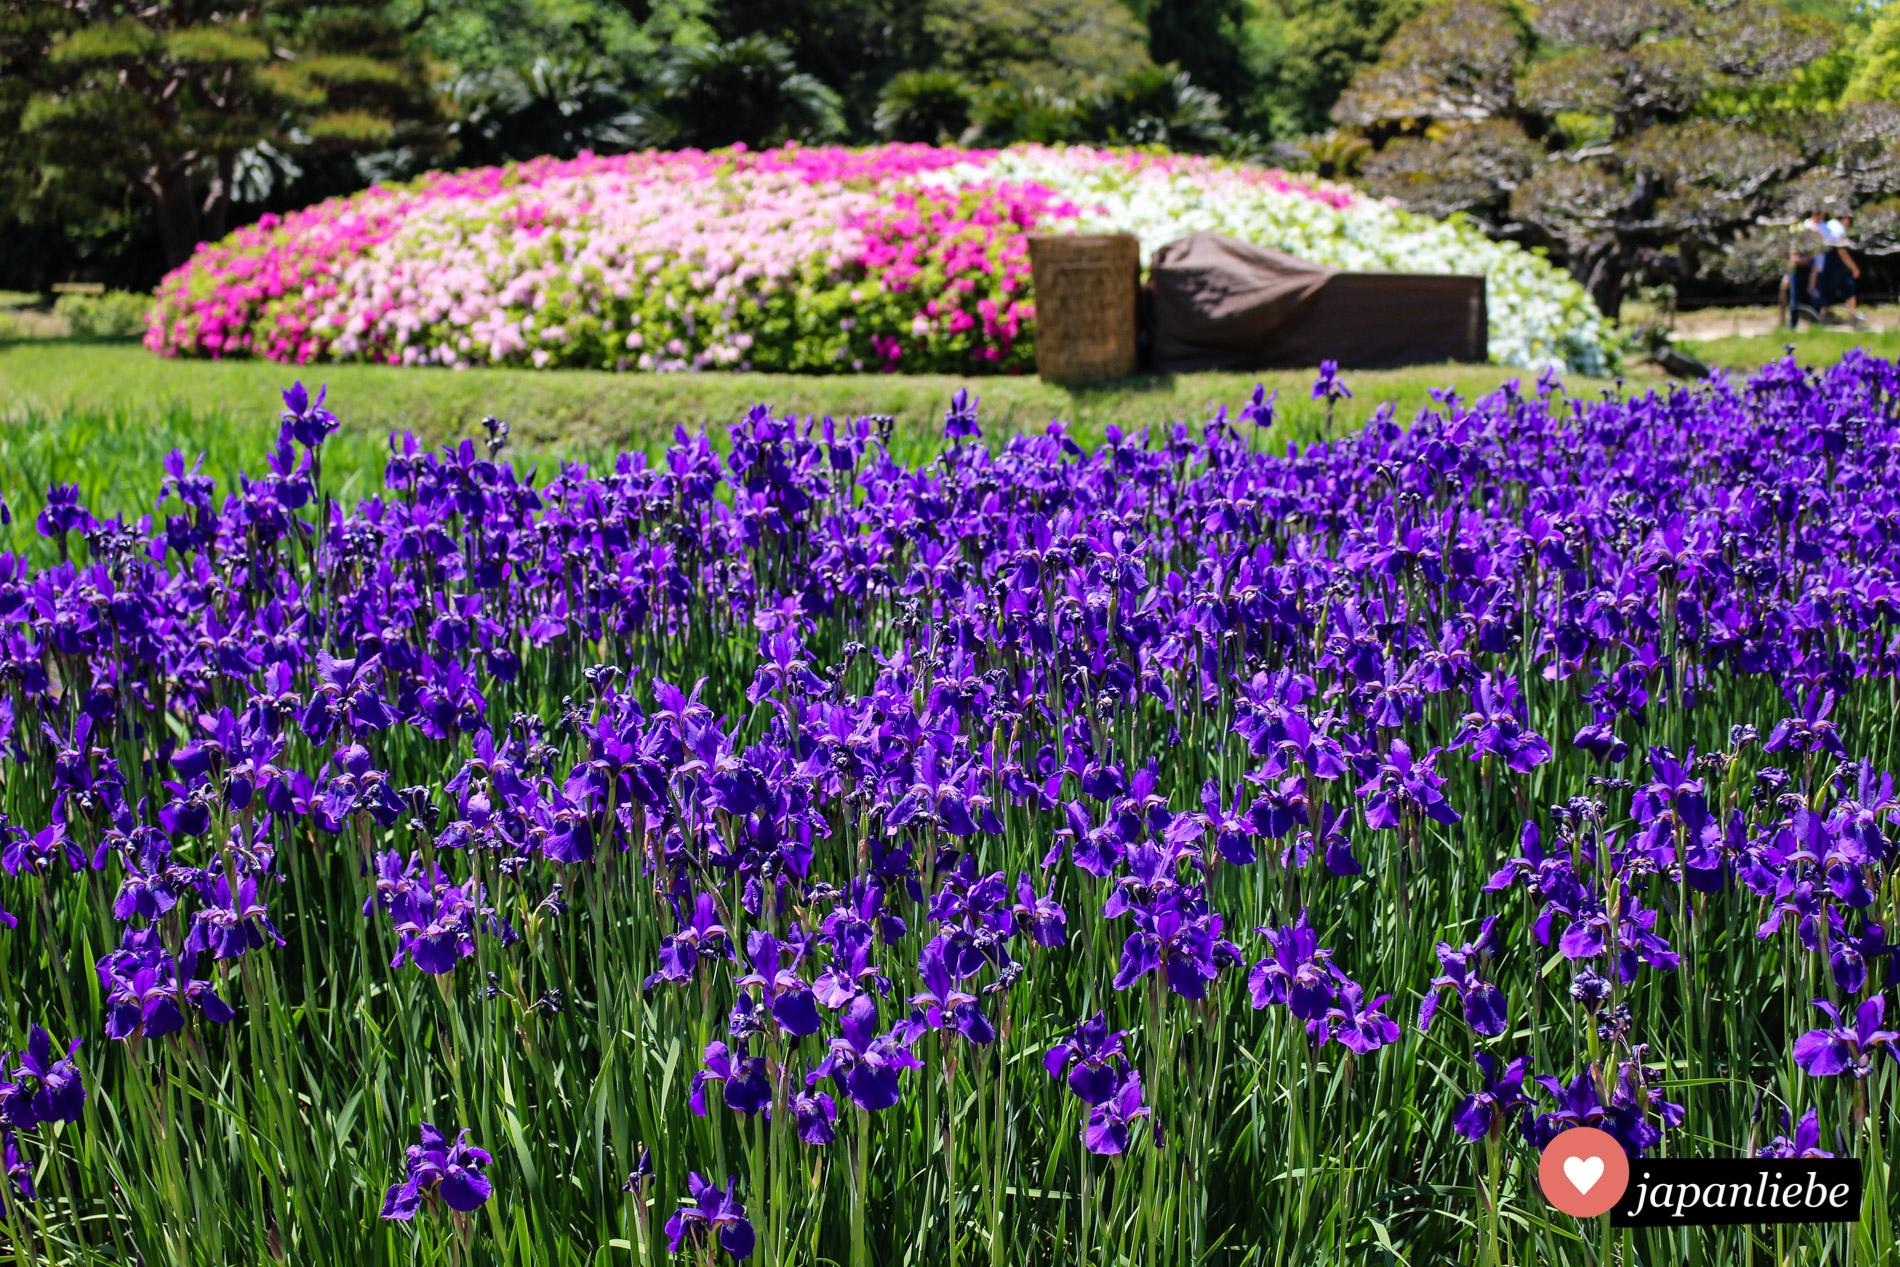 Der Kōraku-en Garten in Okayama ist für seine vielfältige Blütenpracht bekannt.